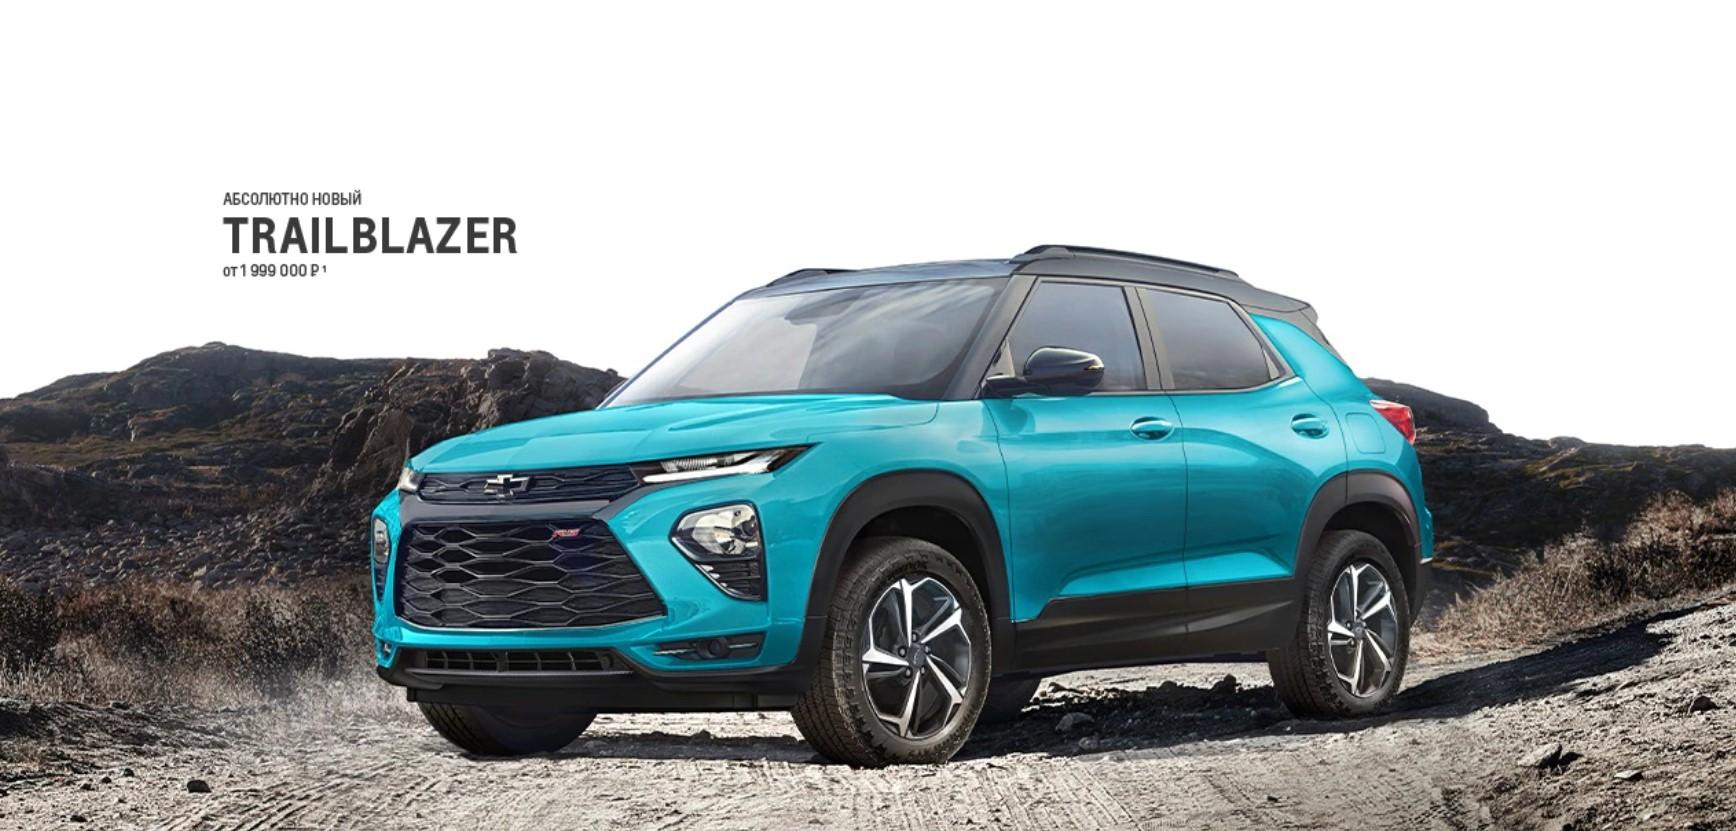 Продажи нового кроссовера Chevrolet Trailblazer стартовали в России с 20 сентября 2021 года